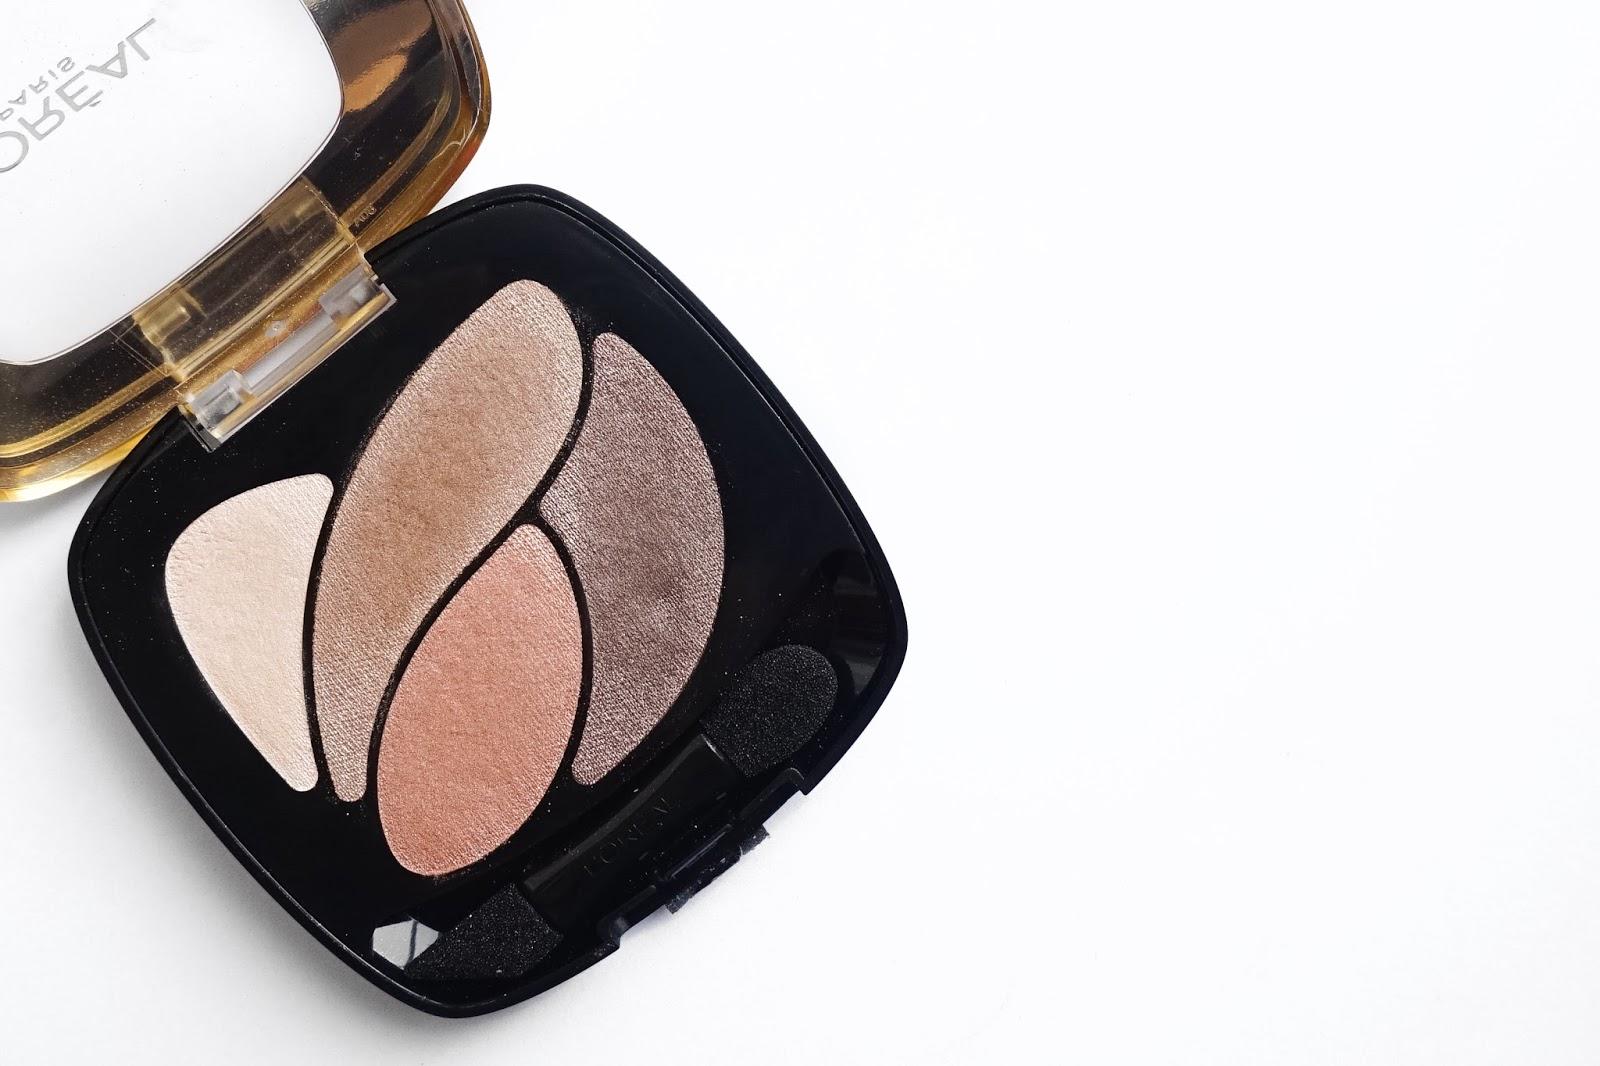 L'Oreal Quad E2 Nude Lingerie